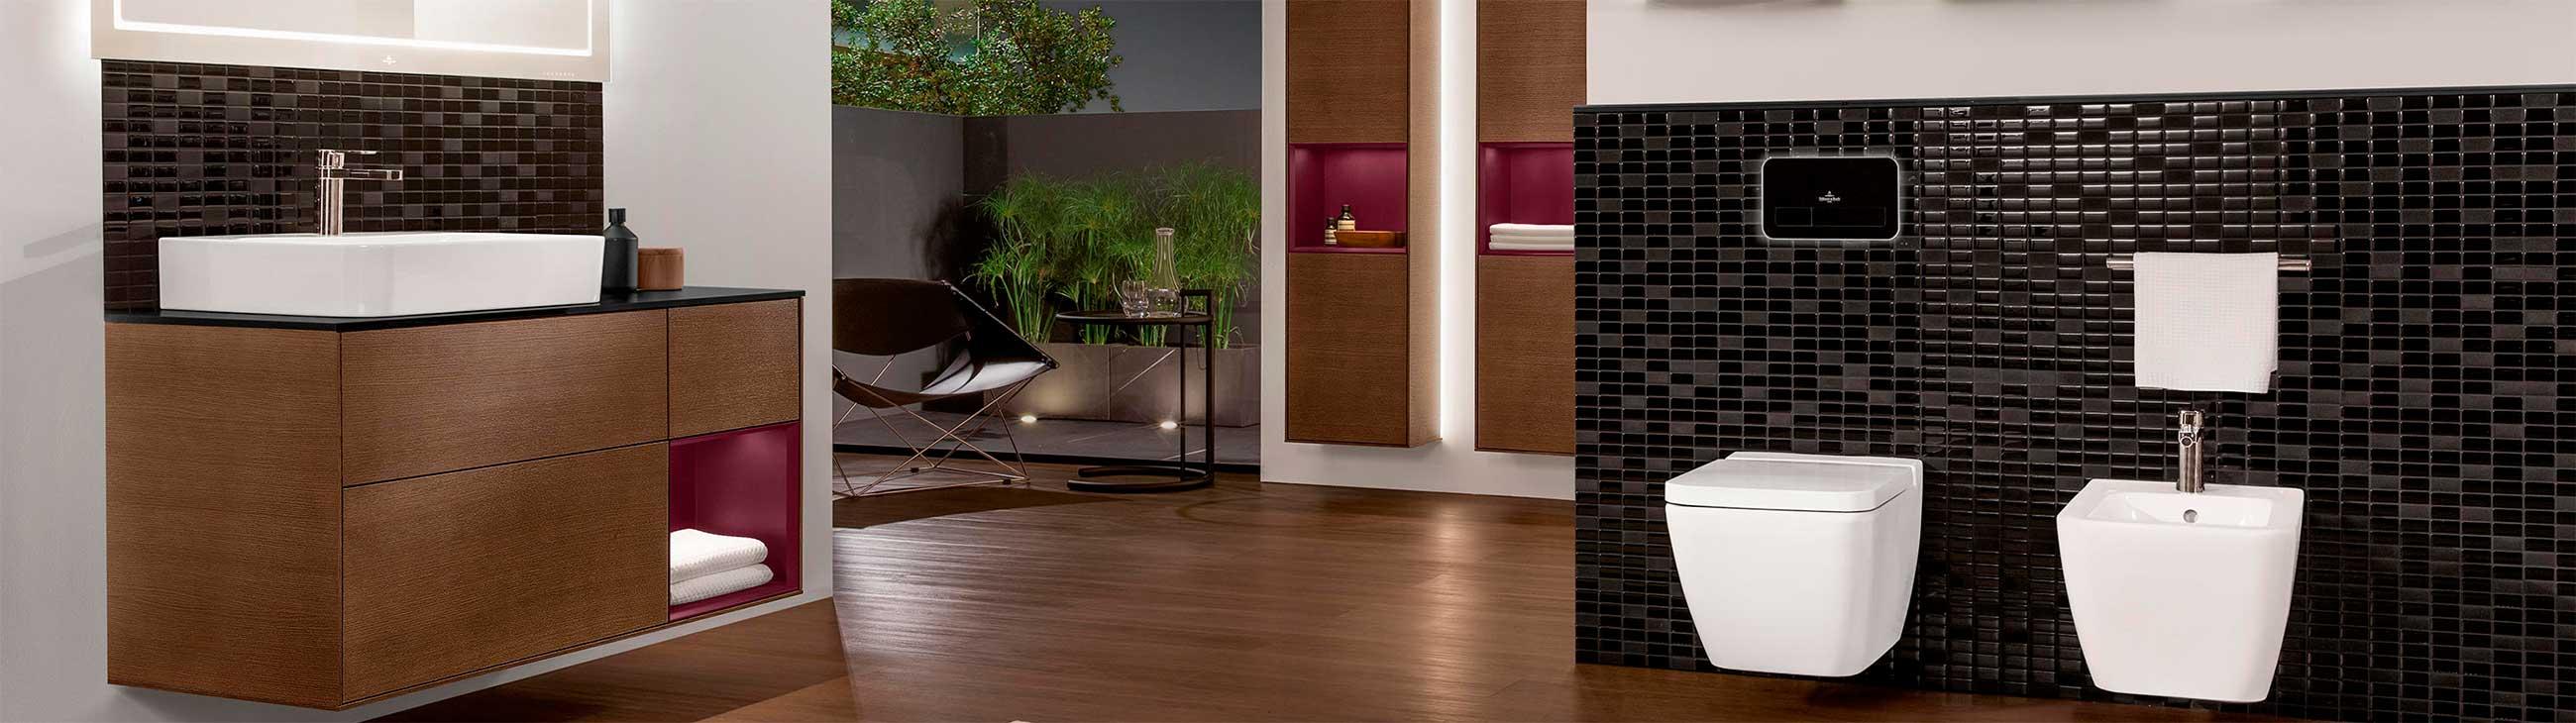 bilde av baderom med vegghengt toalett og moderne baderomsinnredning